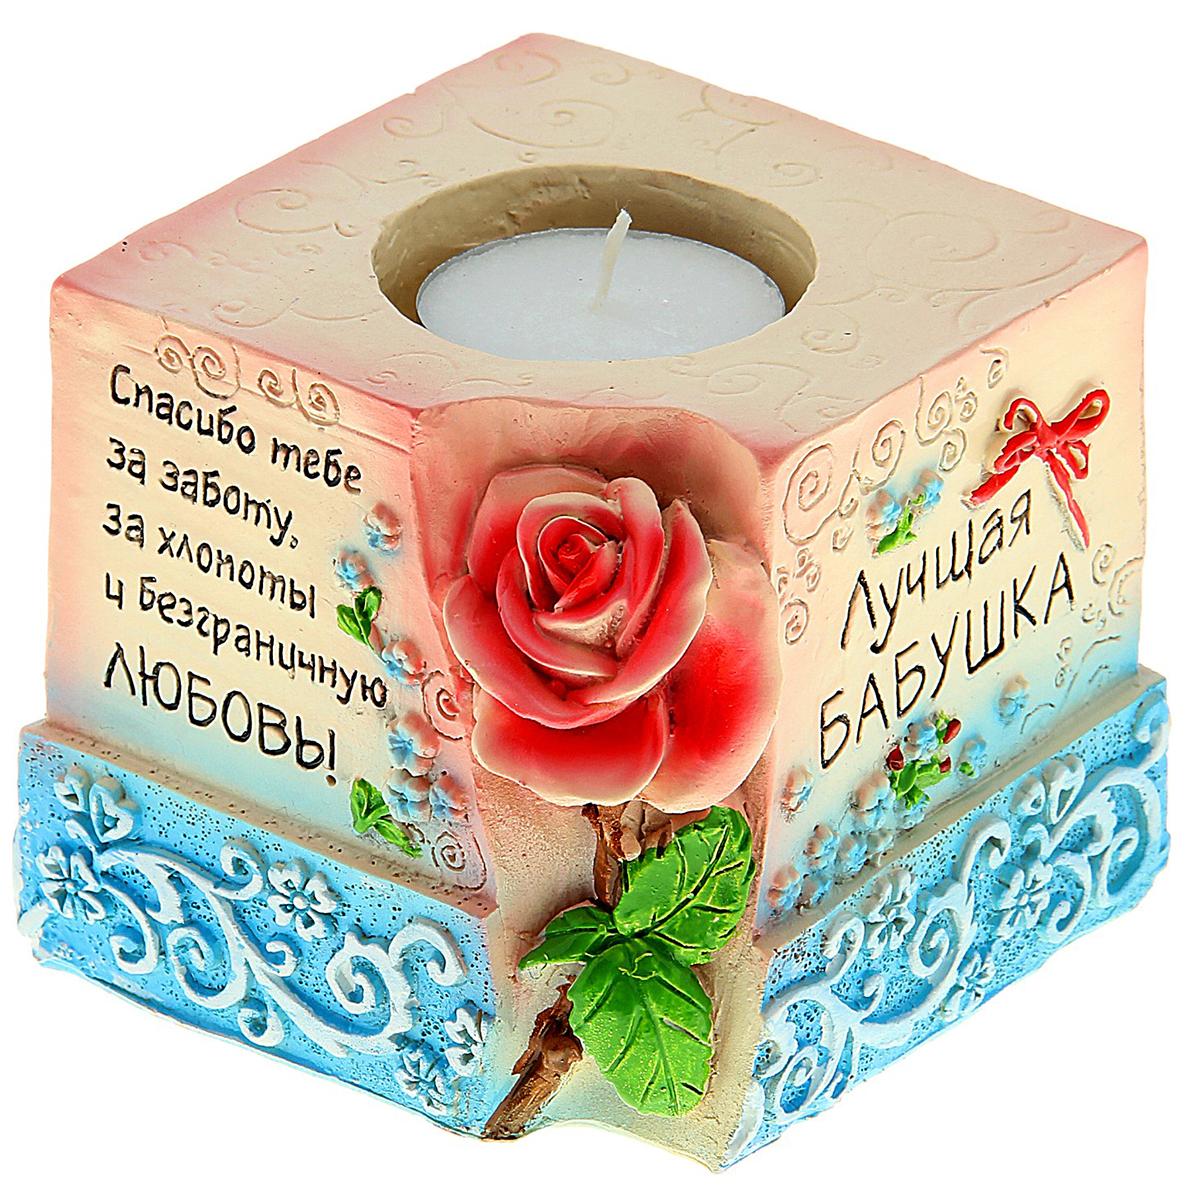 Подсвечник Лучшая бабушка, цвет: голубой, розовый, 8,5 х 8,5 х 8,5 см115712Нежный и душевный сувенир на память кому-то особенному Подсвечник изготовлен из полистоуна, стилизован под лепнину. Рисунок и узор рельефные: текствыдавлен на материале и покрыт краской, в одном уголке расположена объемная композиция.Подсвечник отлично подходит под стандартный размер свечей.Сувенир упакован вподарочную коробку и готов для вручения. К упаковке прикрепляется маленькая открытка, вкоторой даритель может оставить свое пожелание.